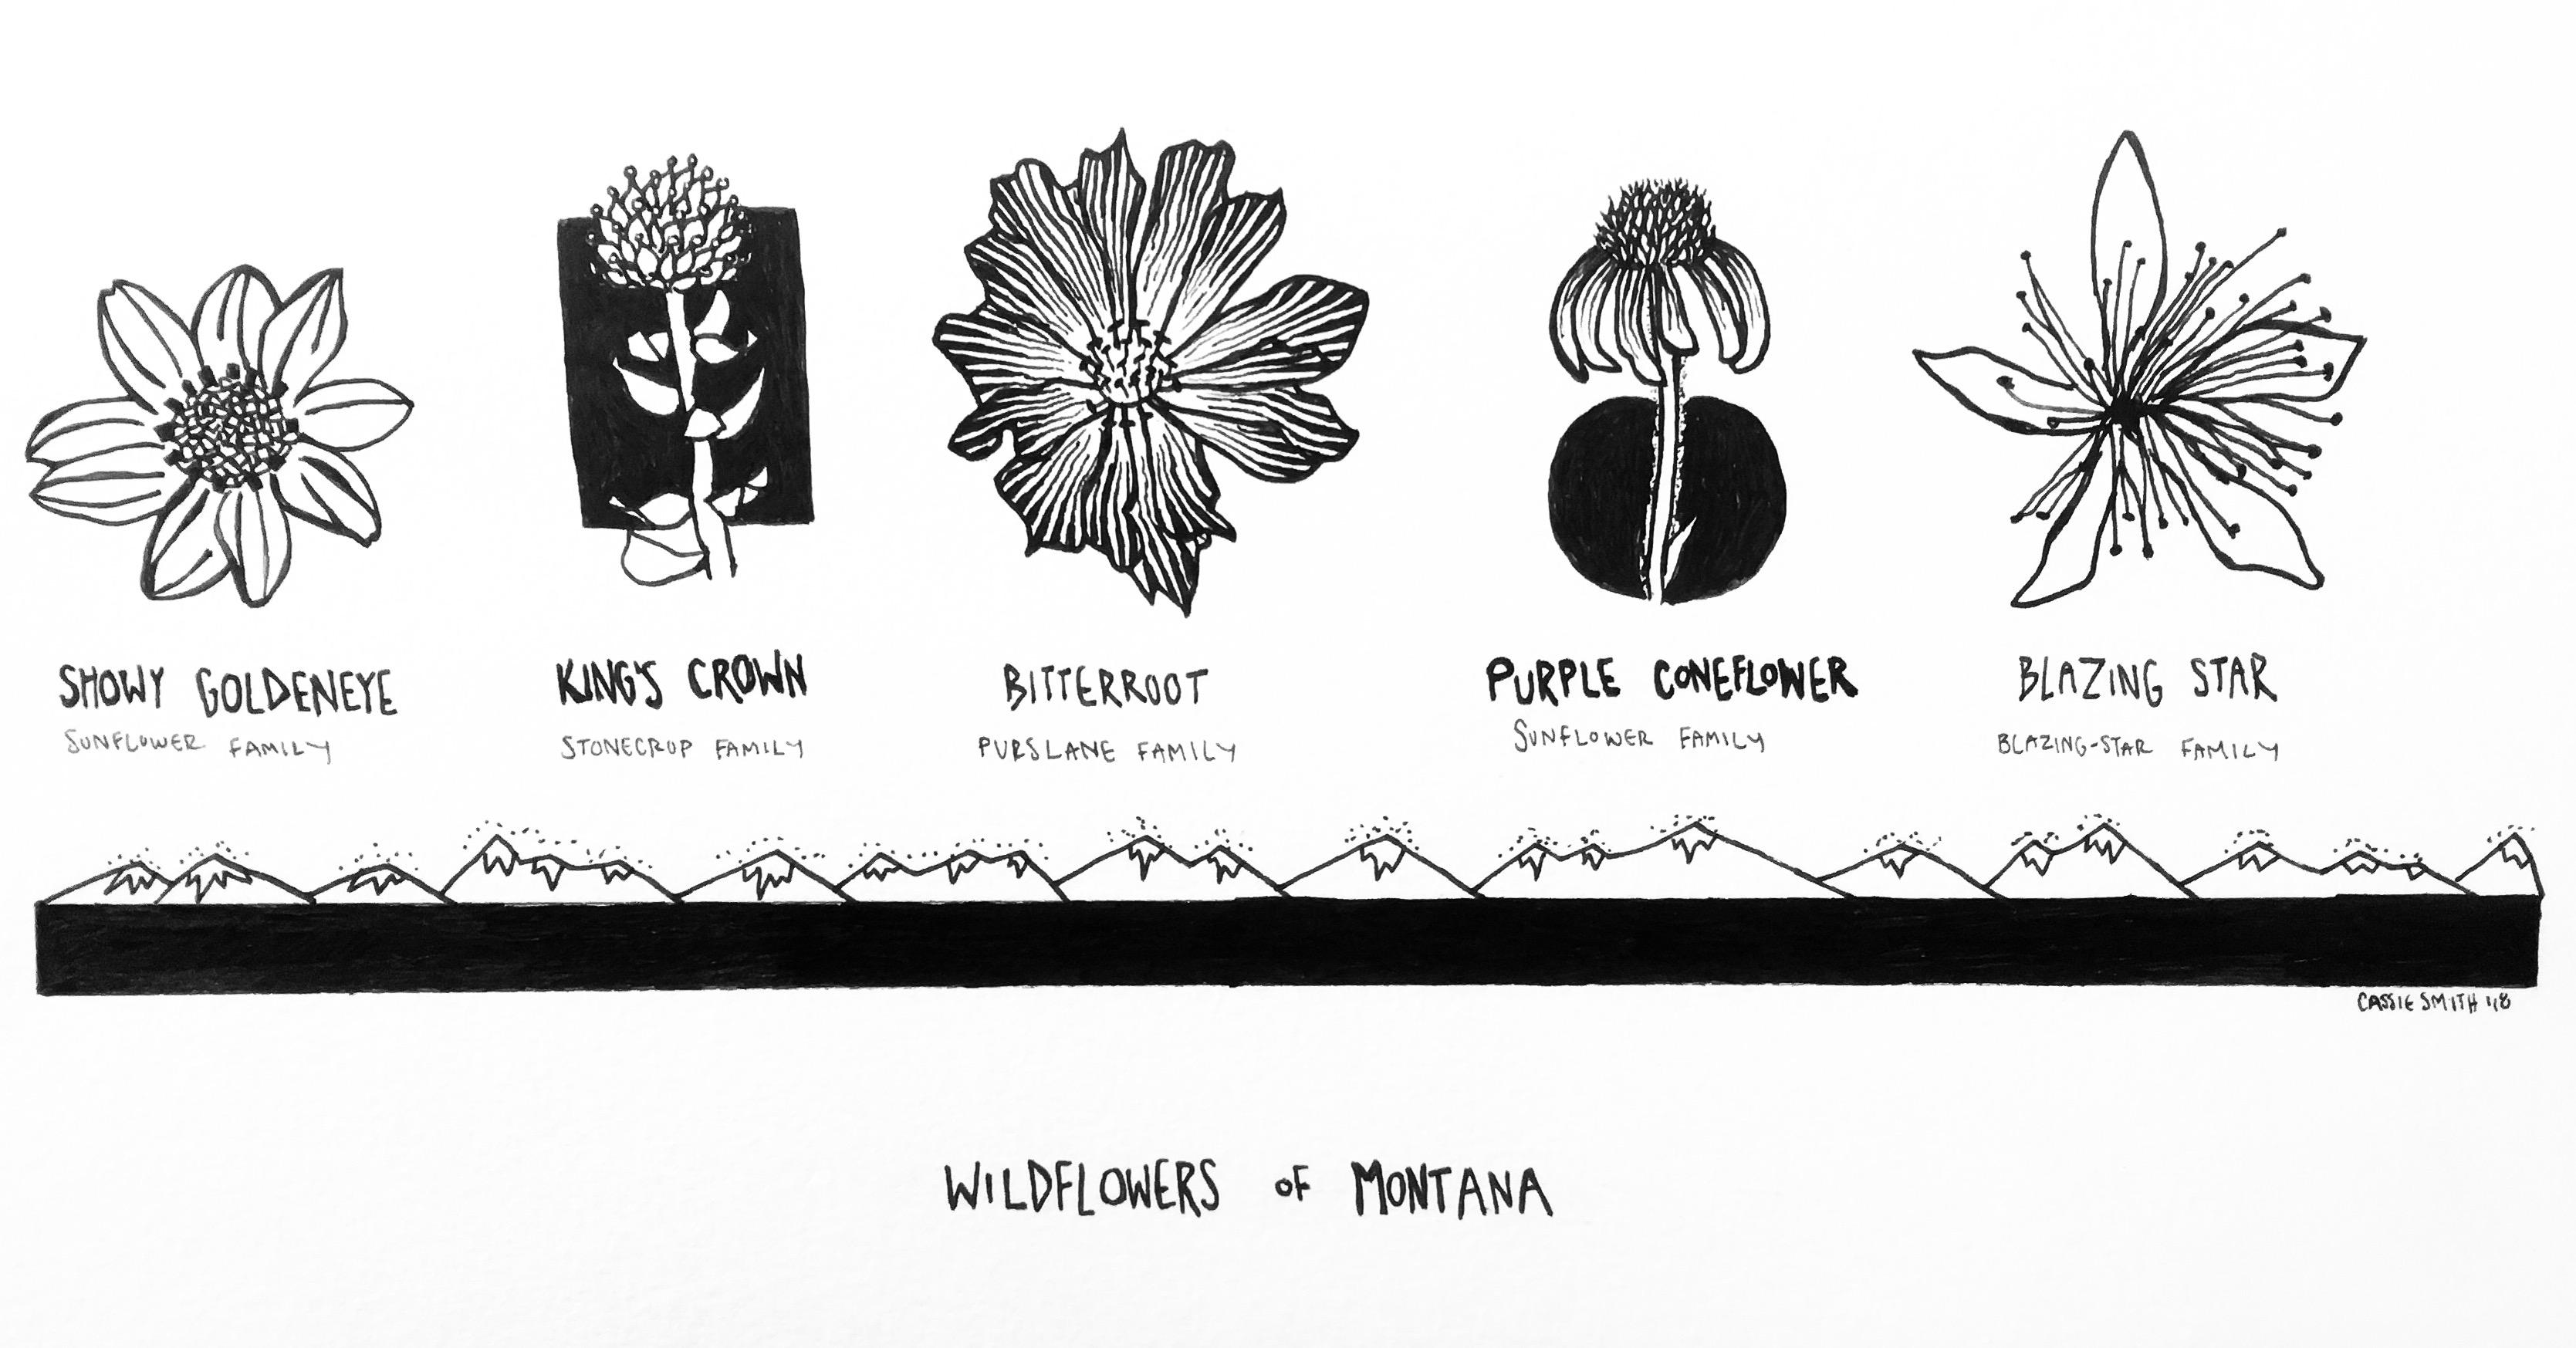 WILDFLOWERS OF MONTANA